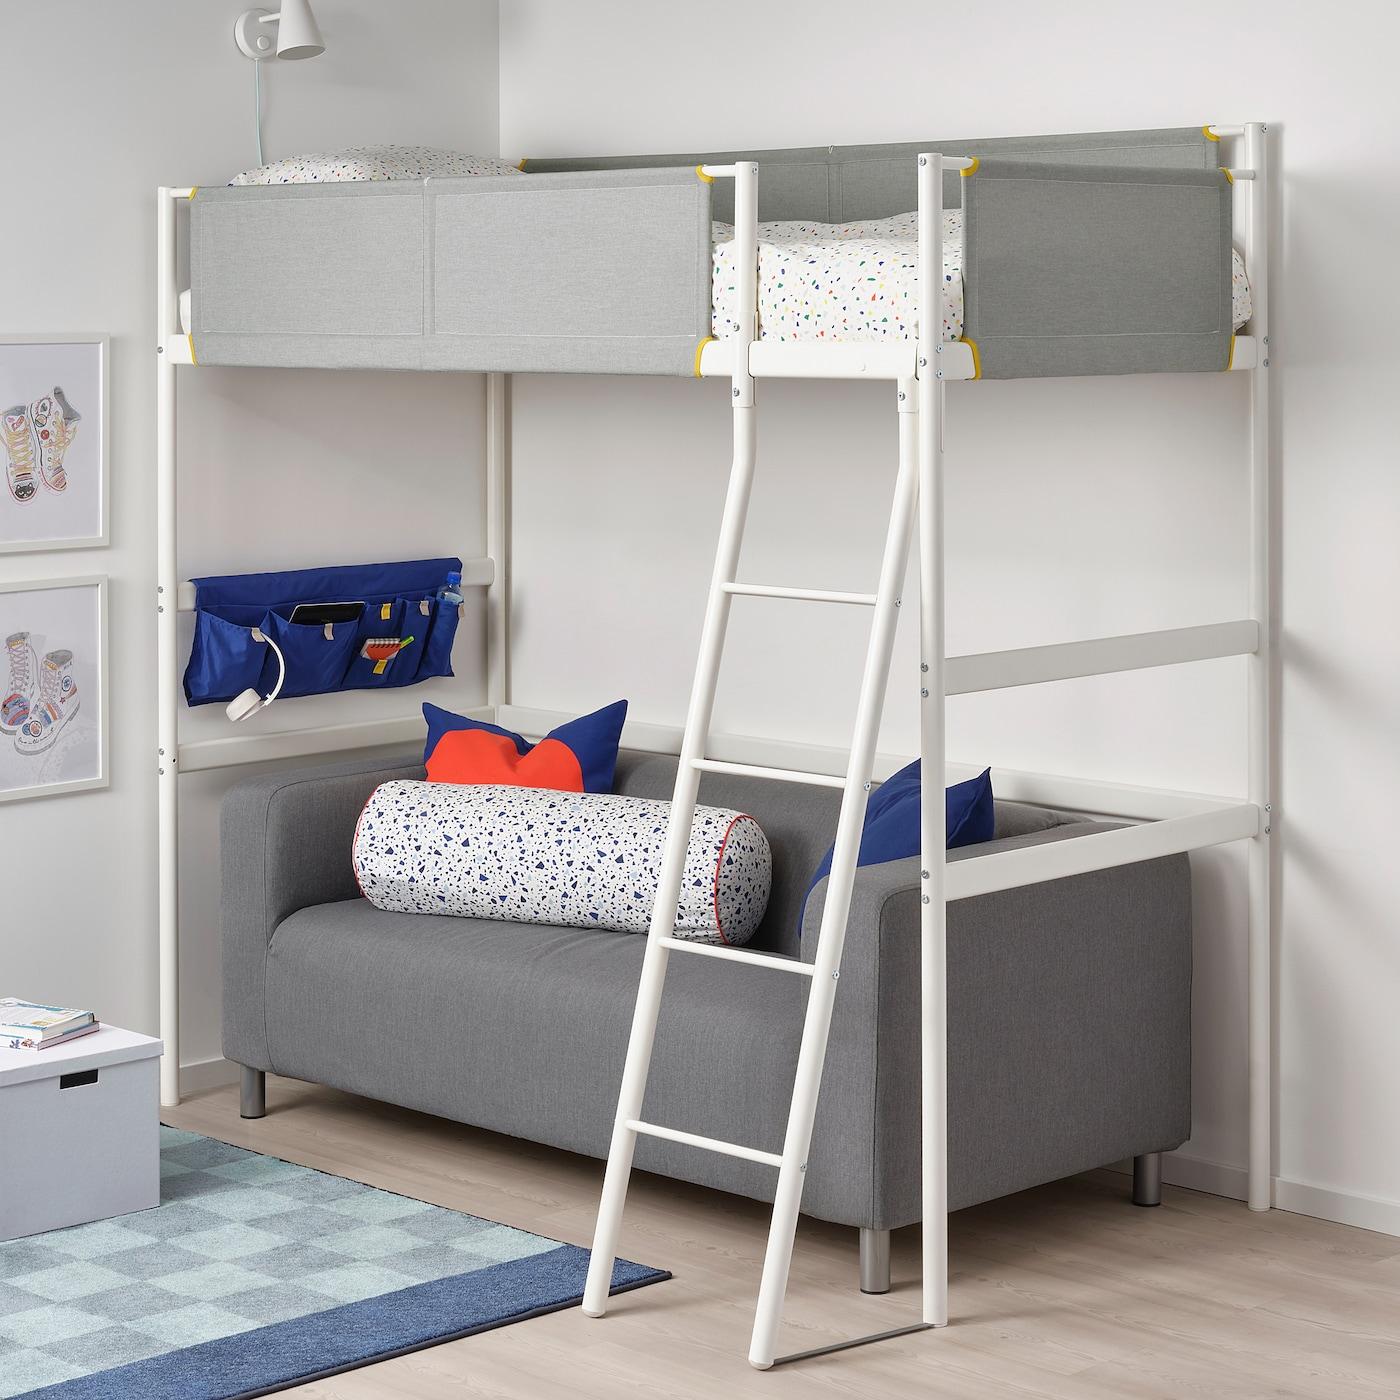 Кровати икеа - 135 фото и обзор лучших сочетаний для разных стилей